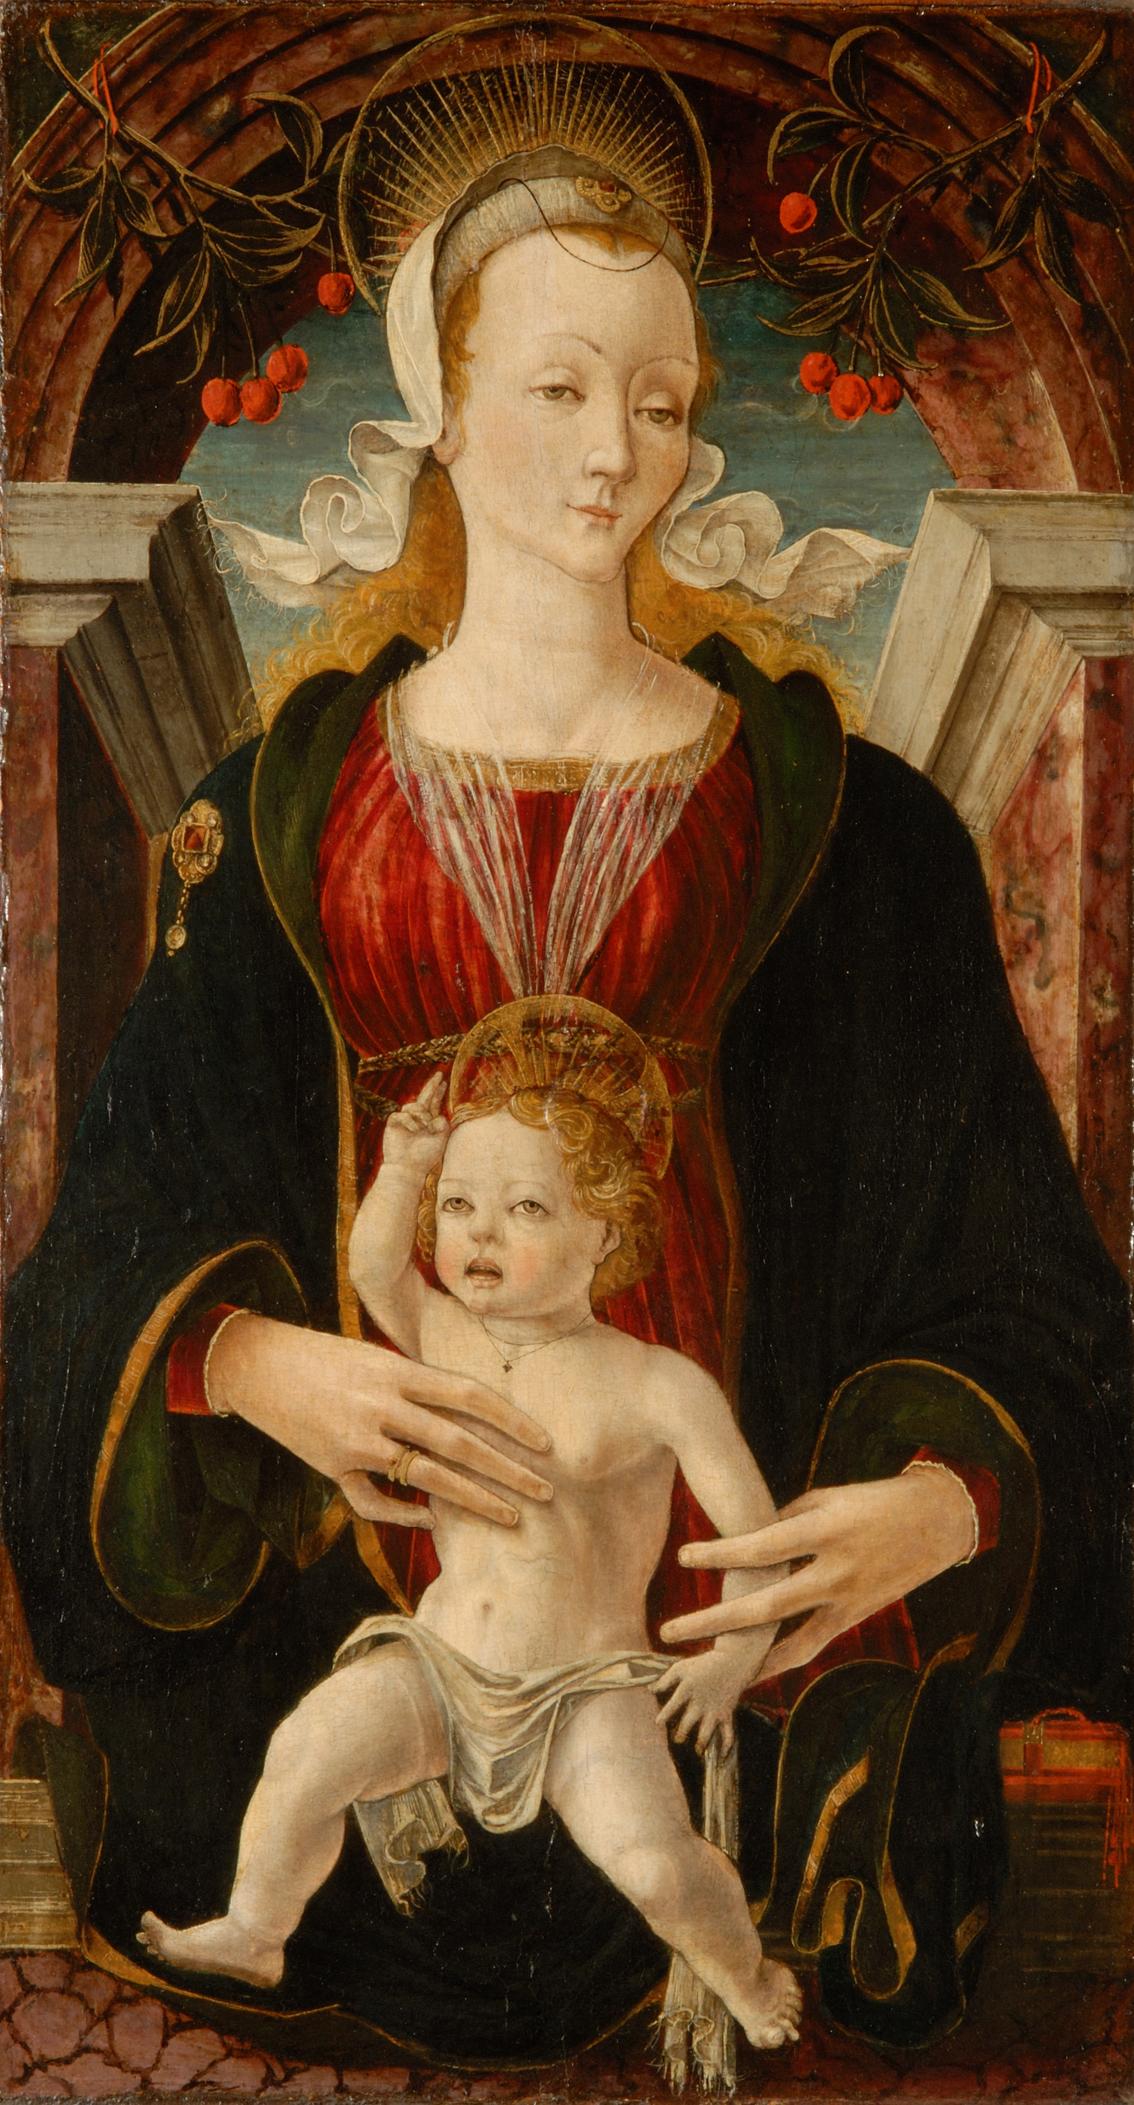 Maestro dell'agosto di palazzo Schifanoia, Madonna delle Ciliegie, tempera su tavola, 1470 circa, Musei Reali di Torino